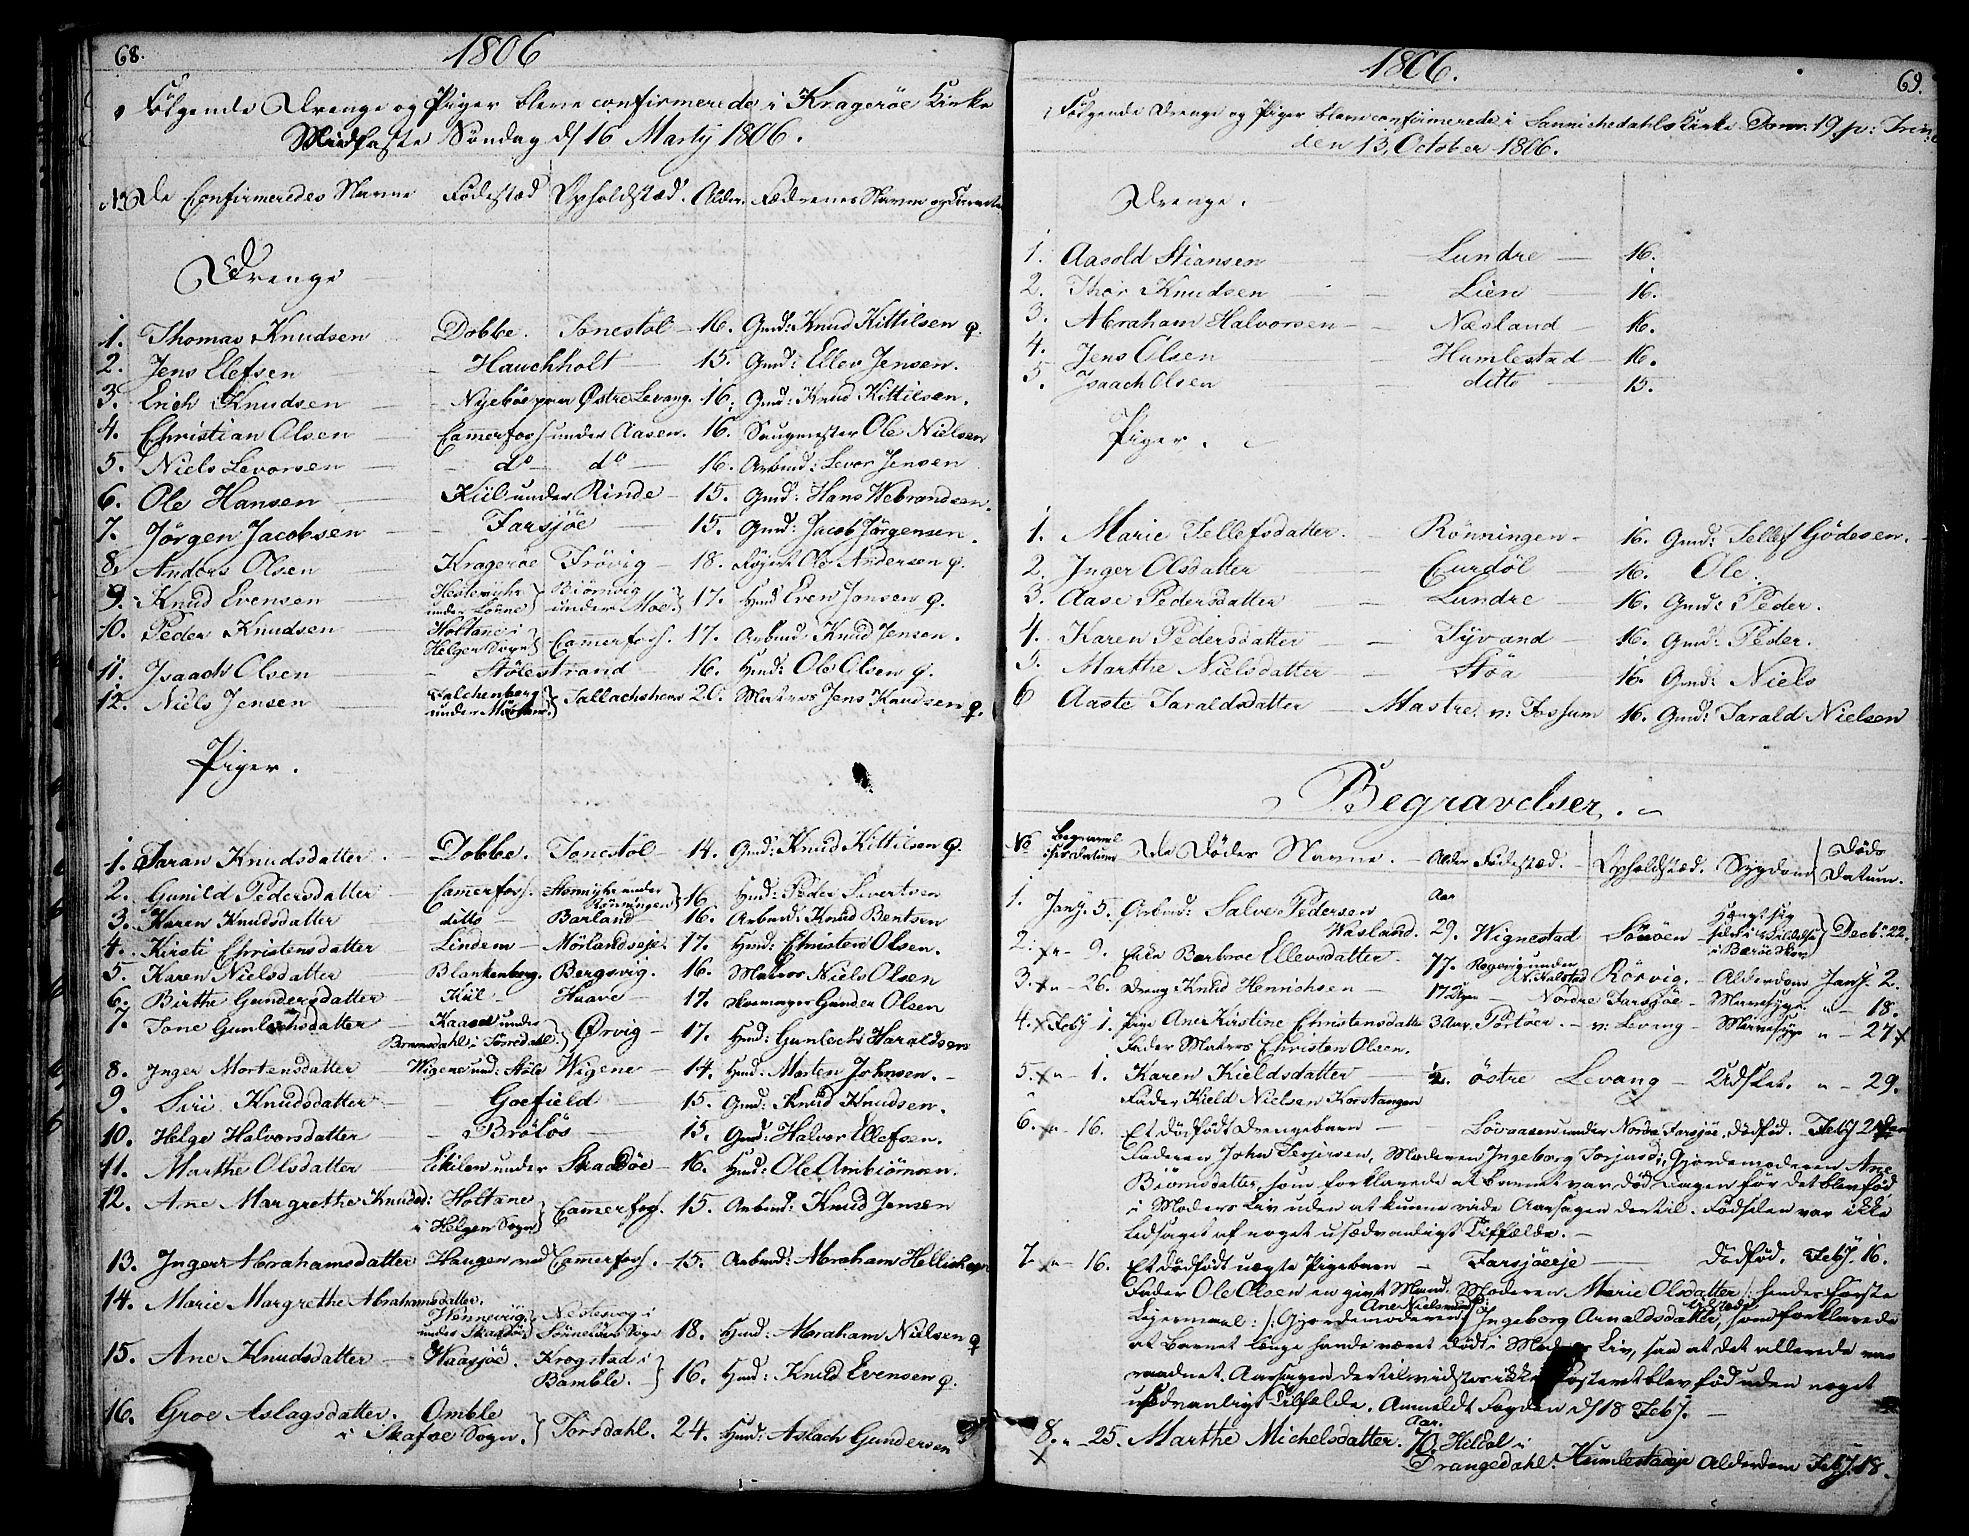 SAKO, Sannidal kirkebøker, F/Fa/L0003: Ministerialbok nr. 3, 1803-1813, s. 68-69